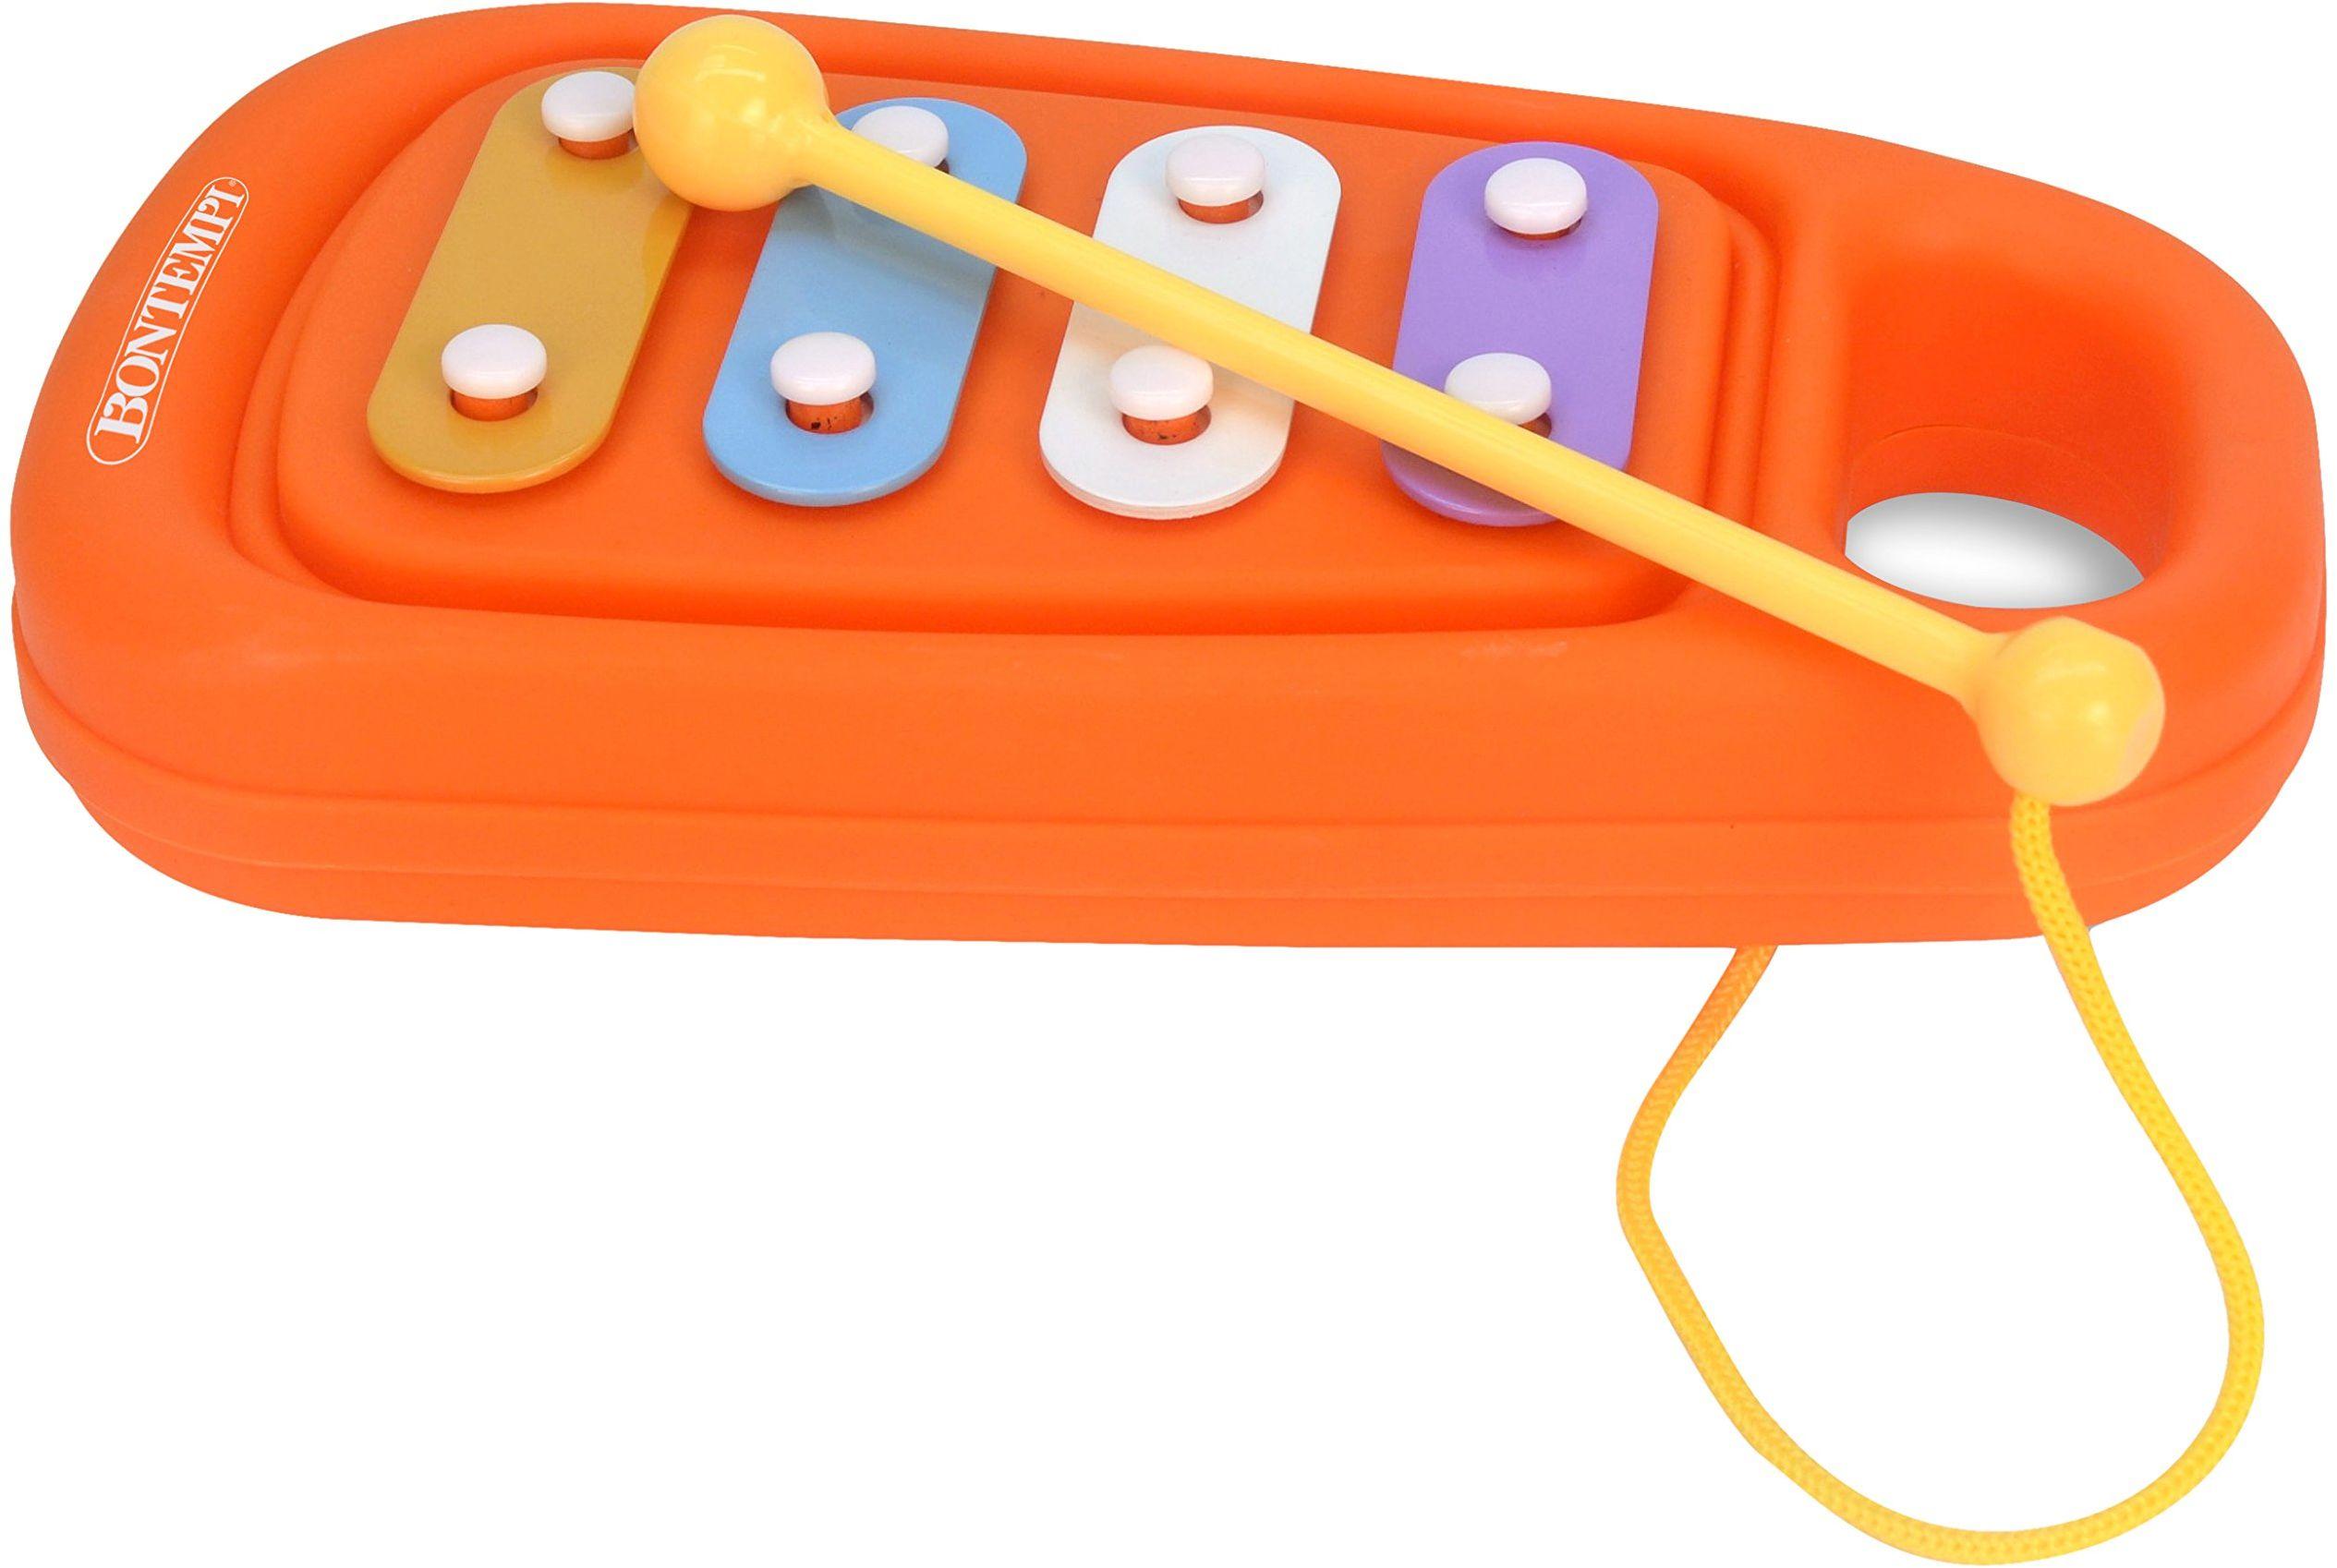 Bontempi 55 0525 ksylofon dla niemowląt, wielokolorowe